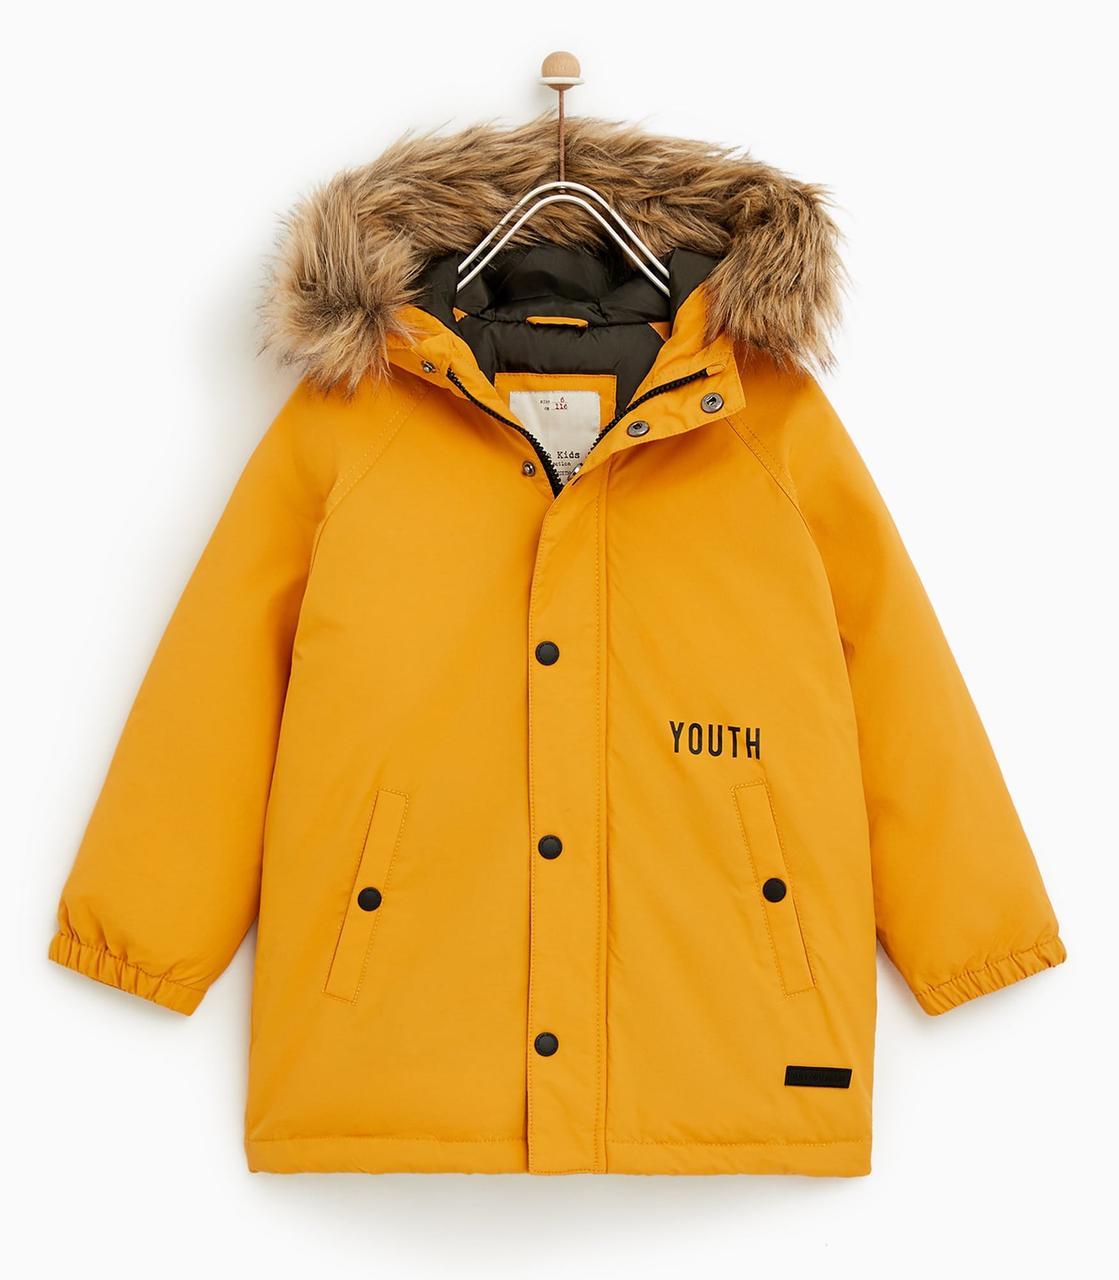 Детская зимняя куртка на мальчика Испания Размер 122